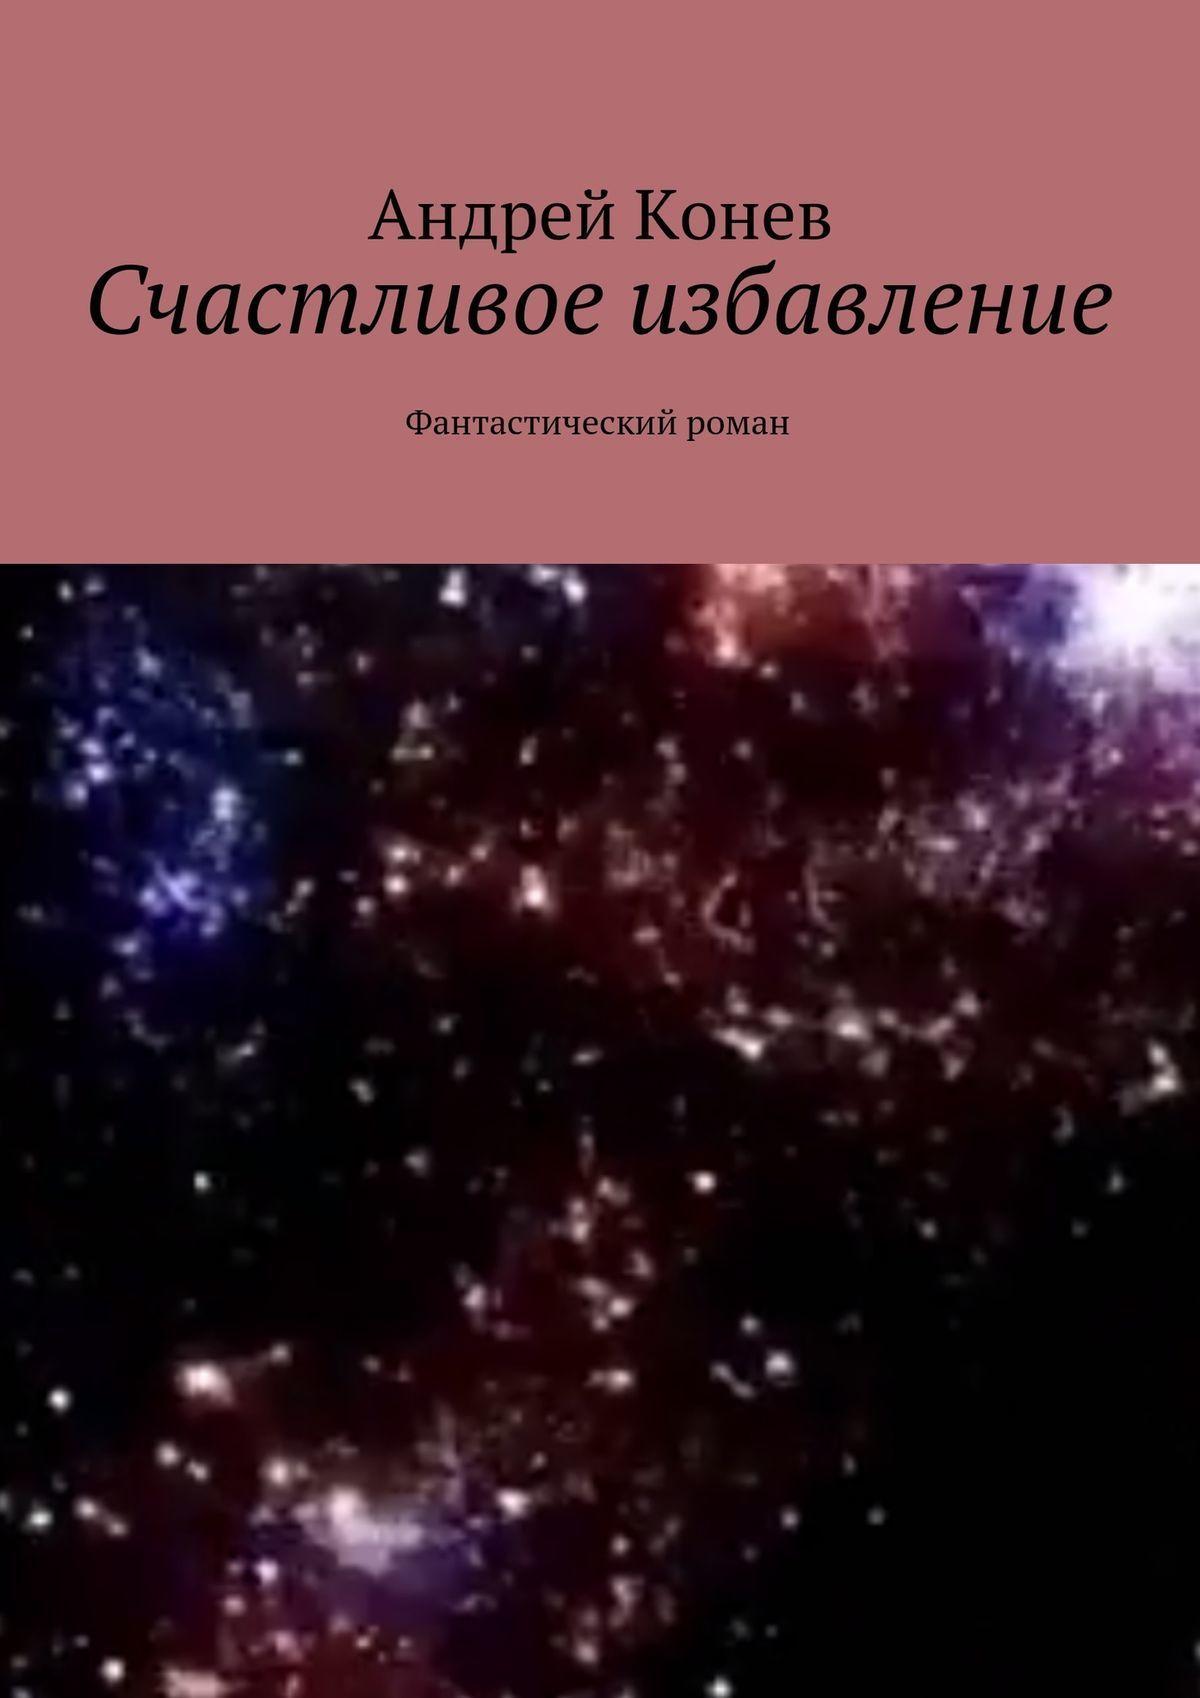 Андрей Конев Счастливое избавление. Фантастический роман чаней дж посланная небесами фантастический роман